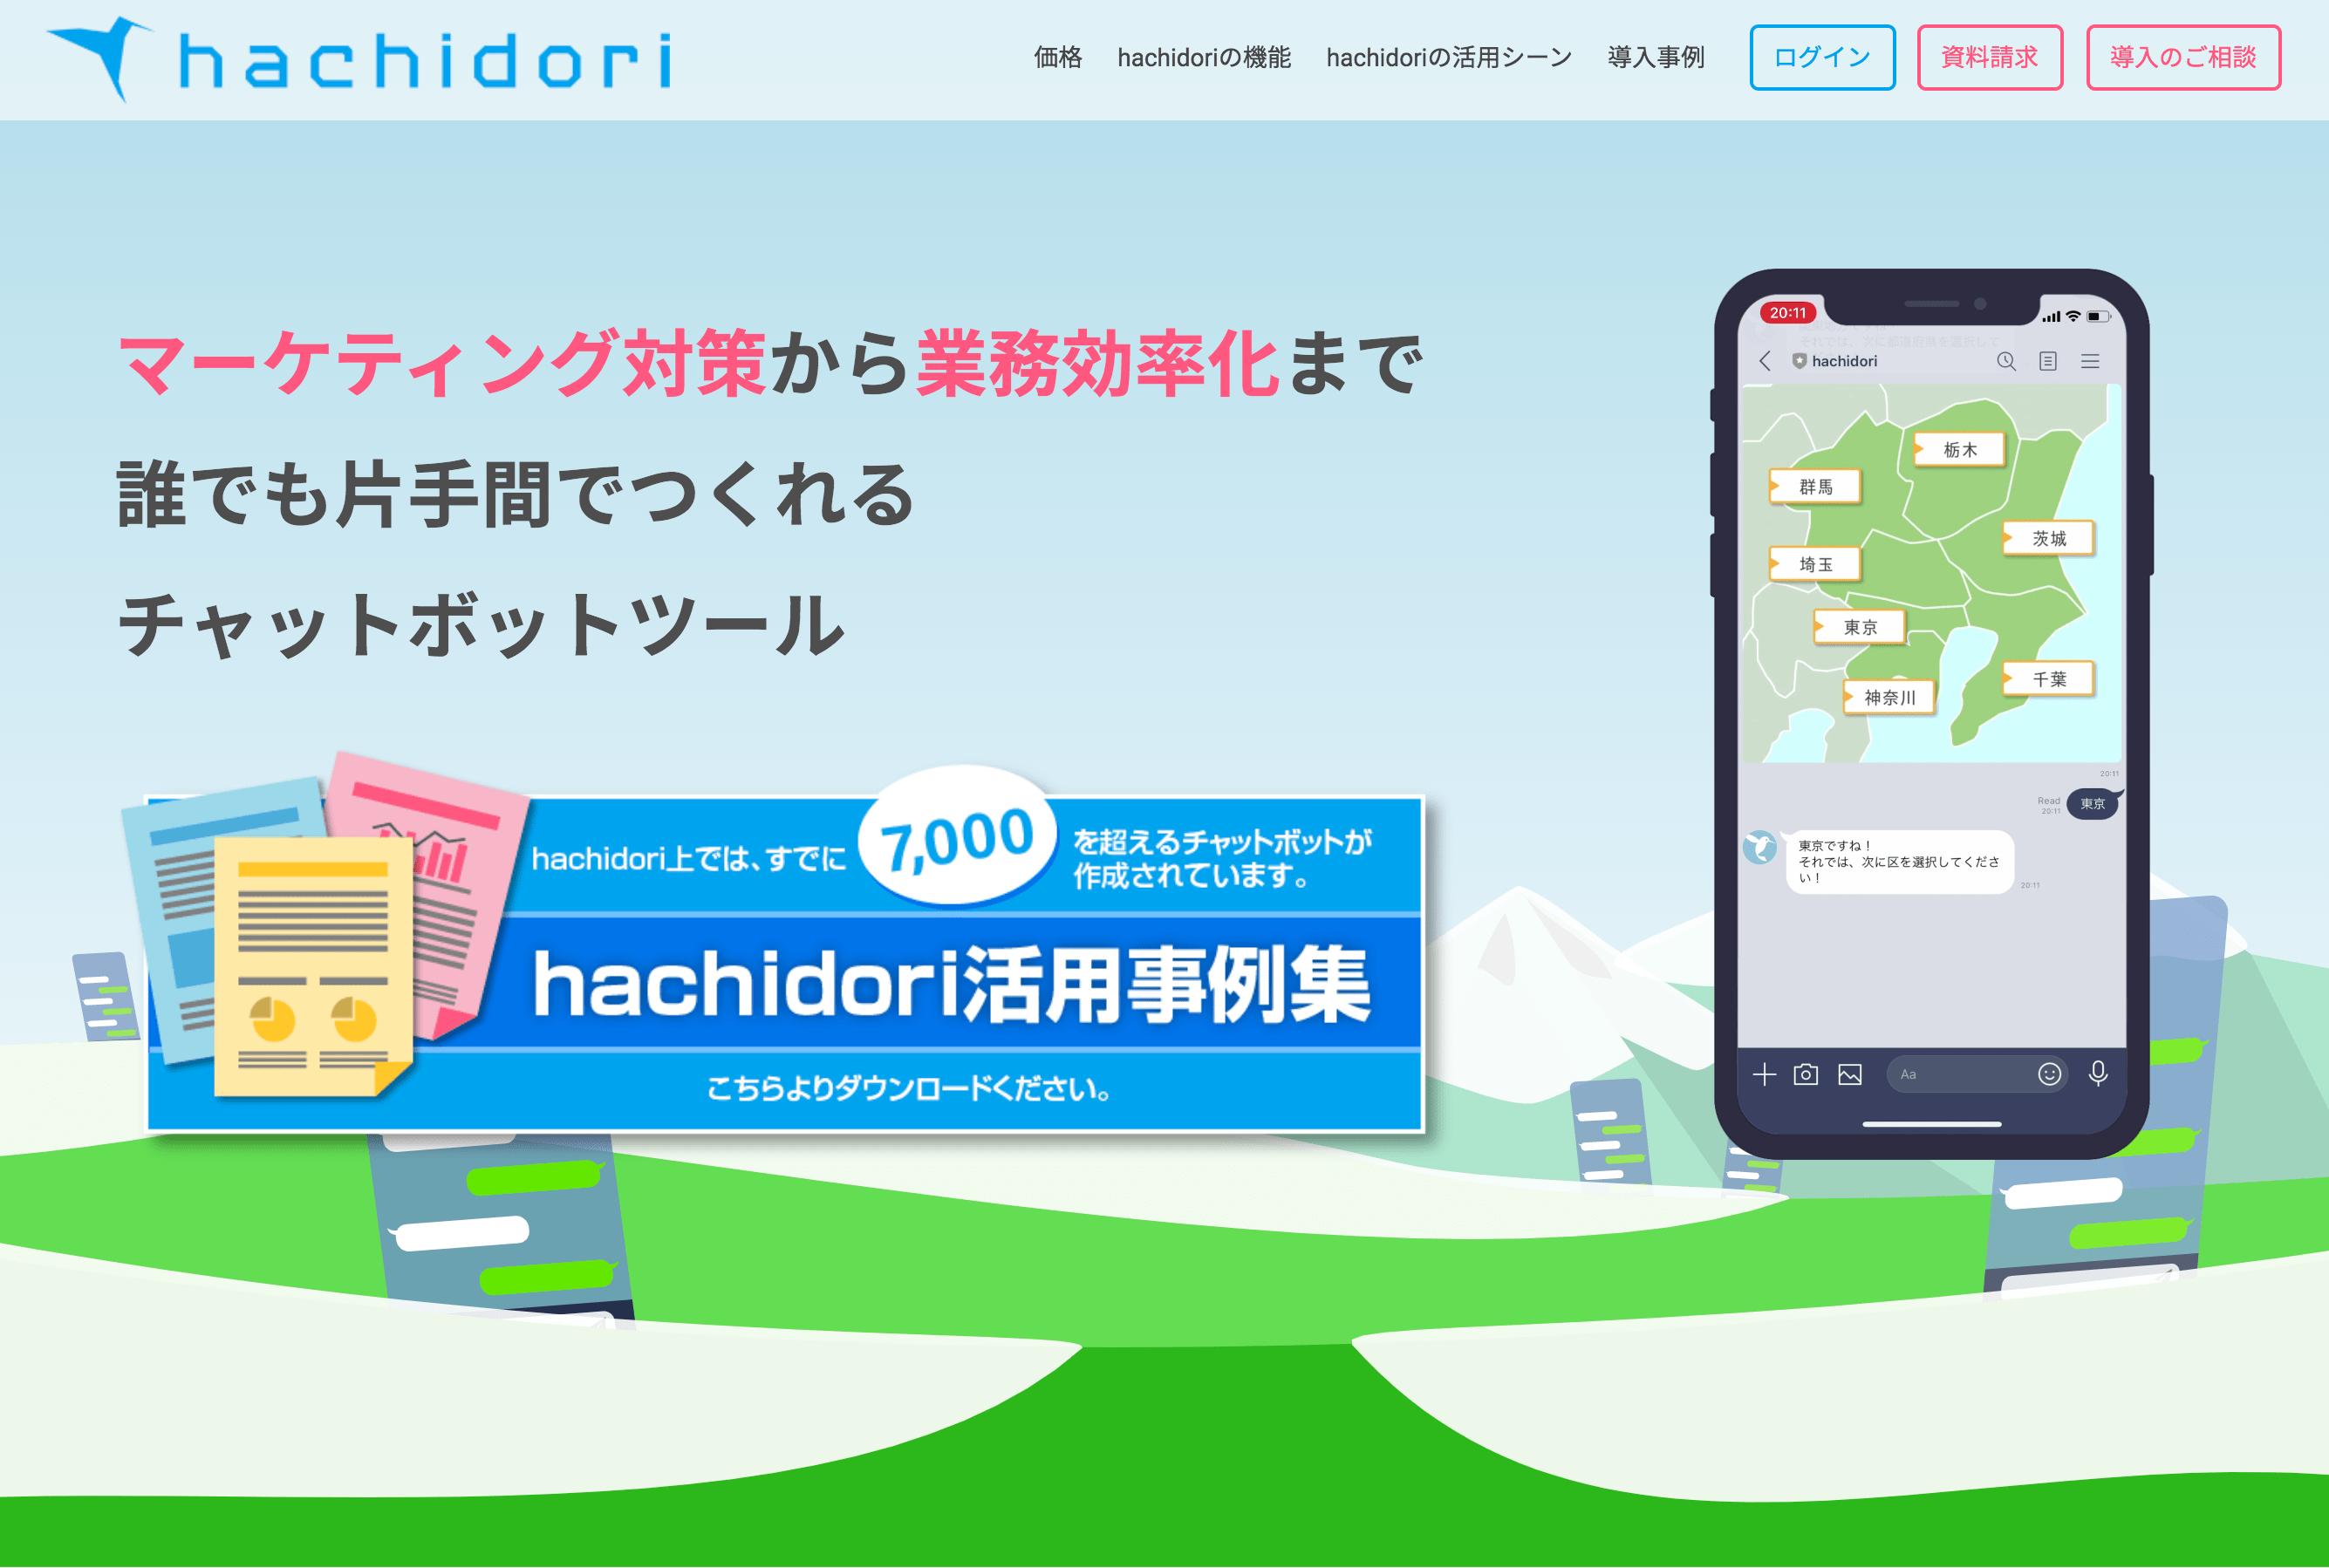 hachidori(ハチドリ)